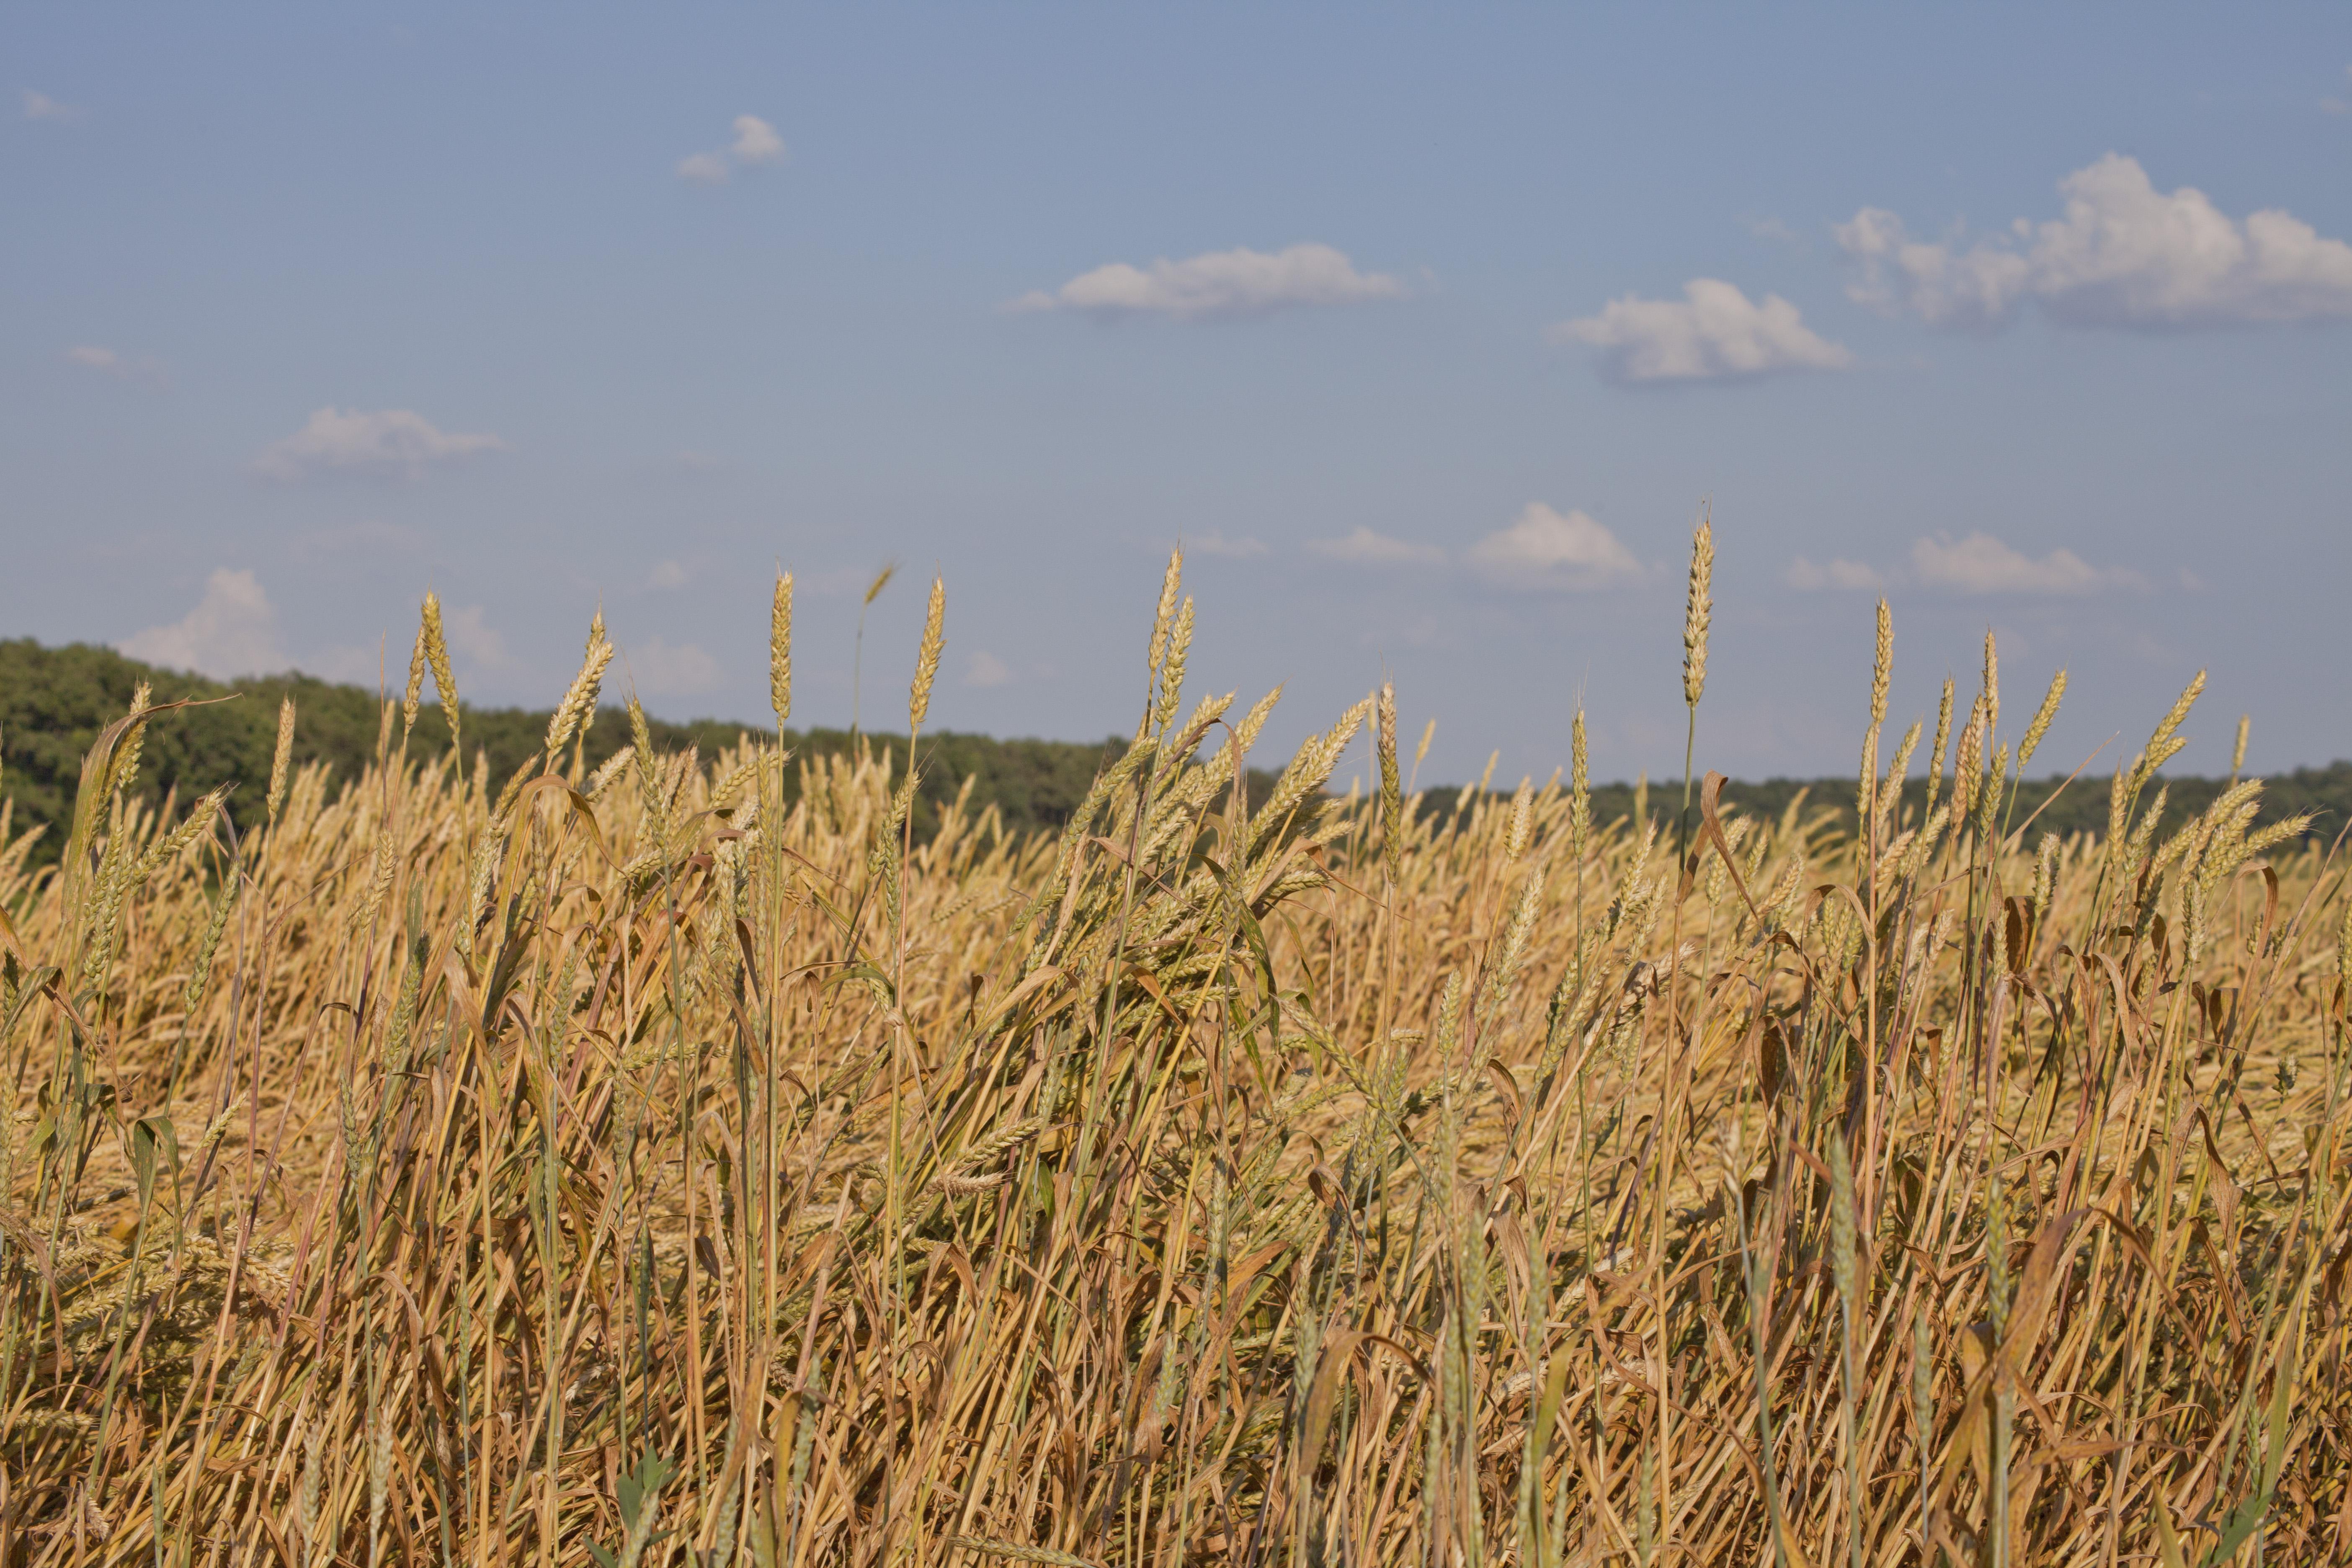 Klenak, Serbia Wheat Field